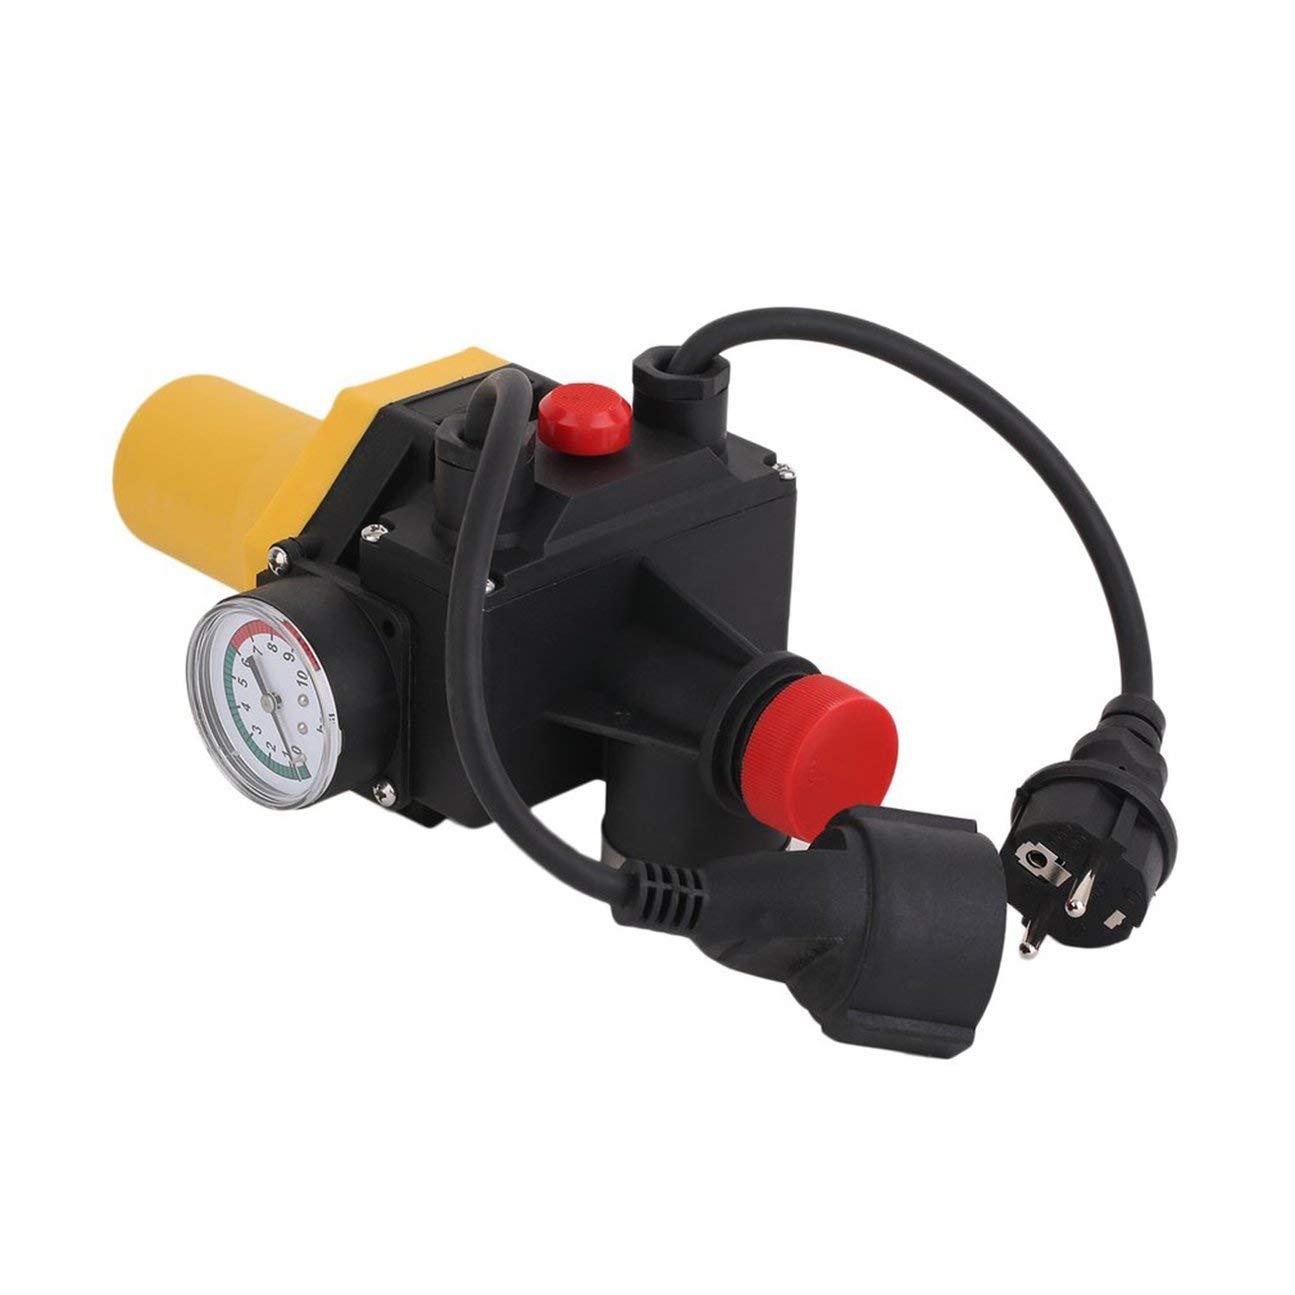 MachinYesity PC03.C Pompa Acqua Protettiva per carenza di Acqua Interruttore Automatico di Controllo della Pressione Interruttore elettronico con manometro Spina UE Spina UE Gialla e Nera